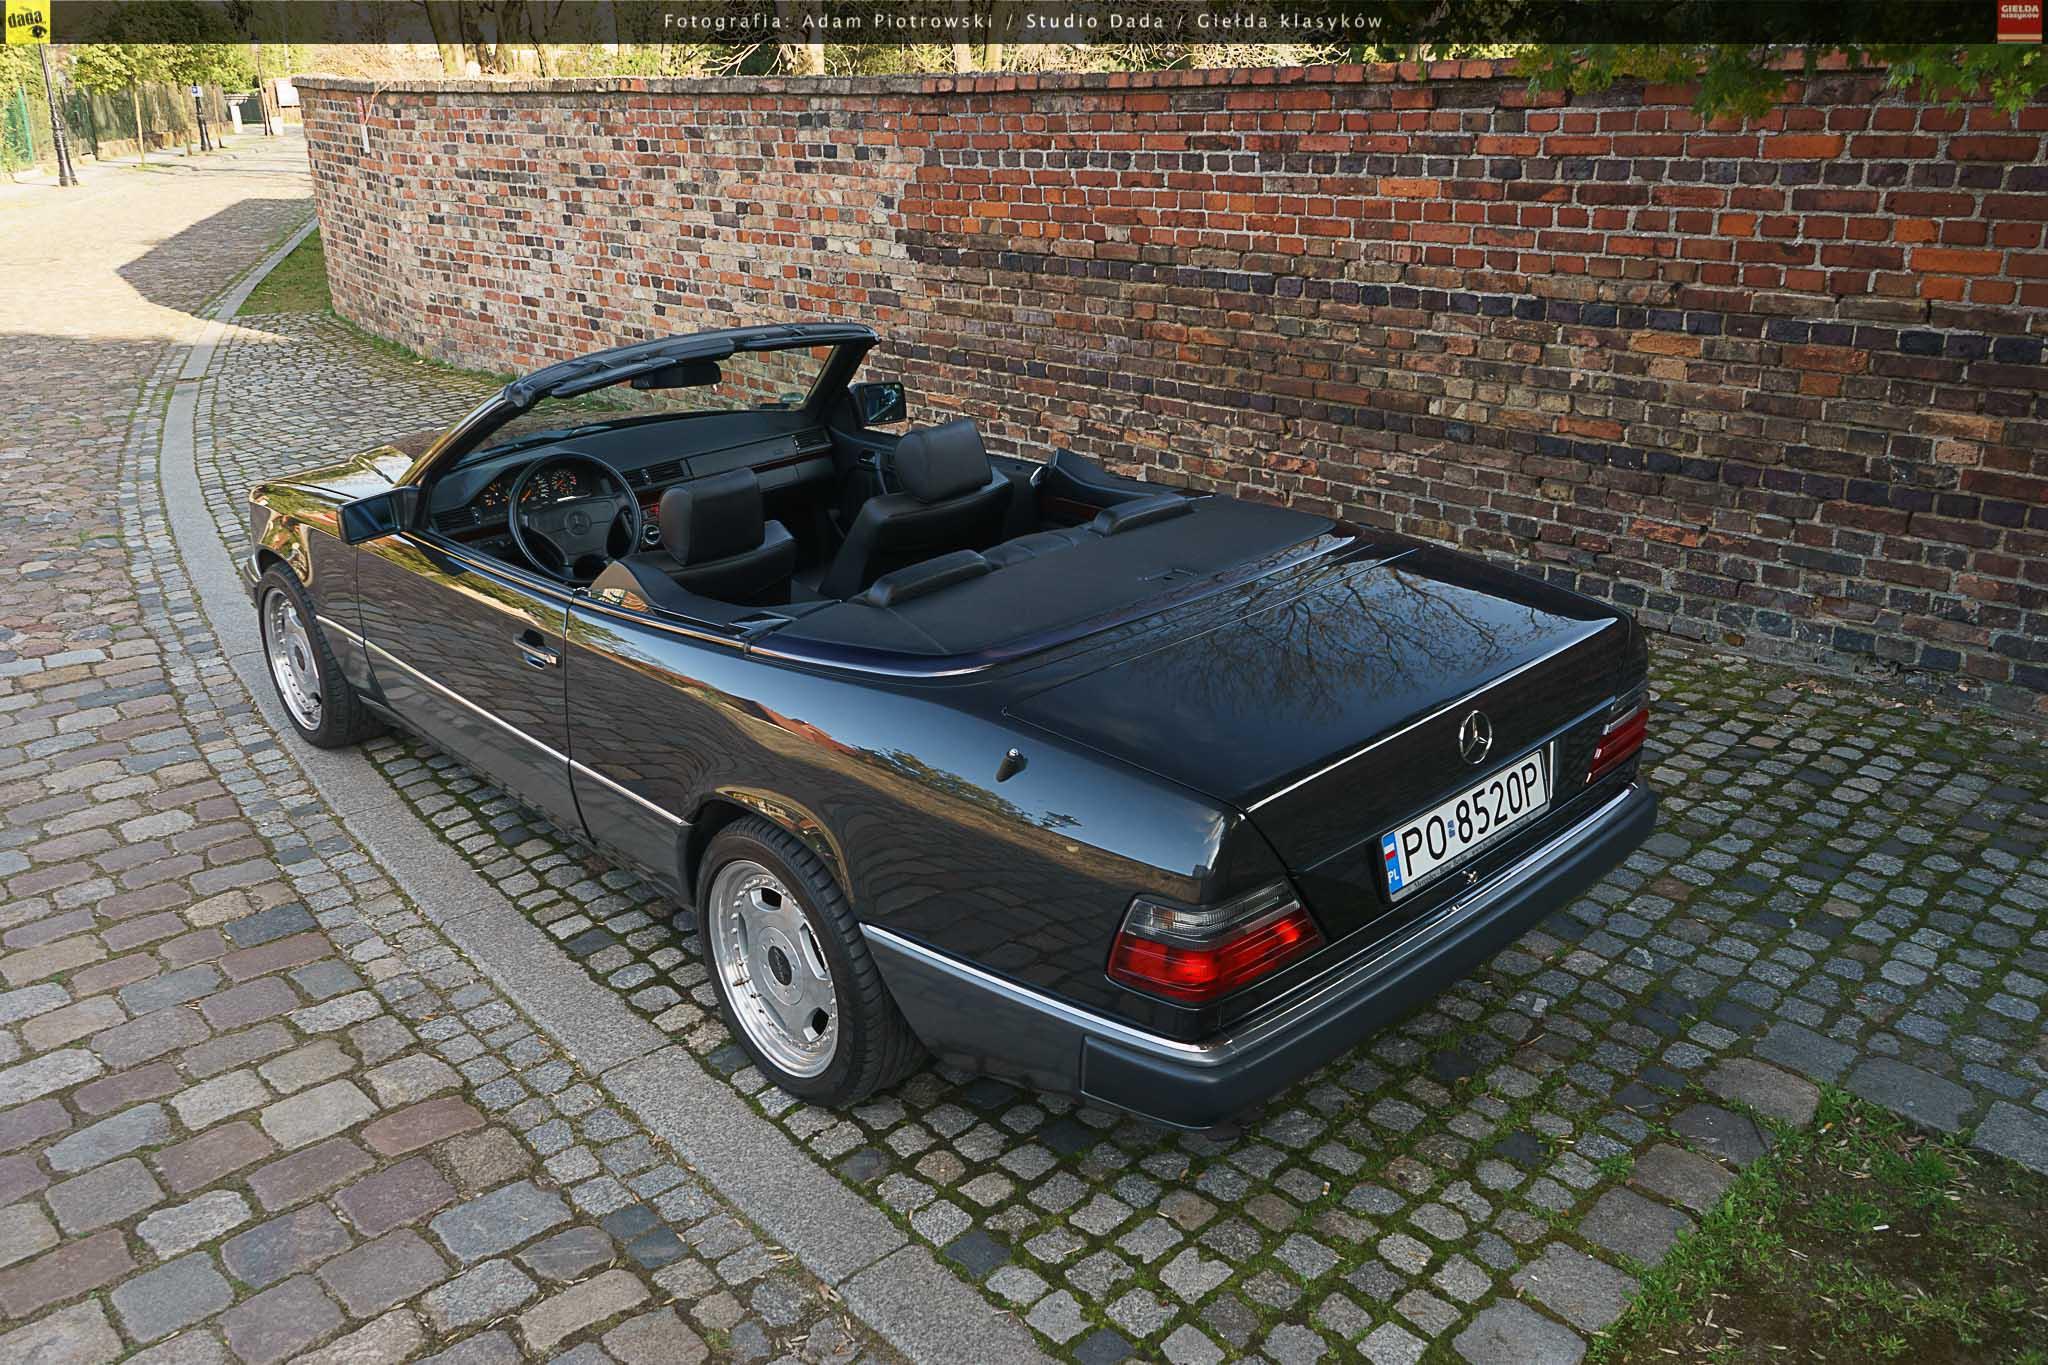 mercedes 300 ce 24 sportline cabriolet a124 1993 119000 pln pozna gie da klasyk w. Black Bedroom Furniture Sets. Home Design Ideas